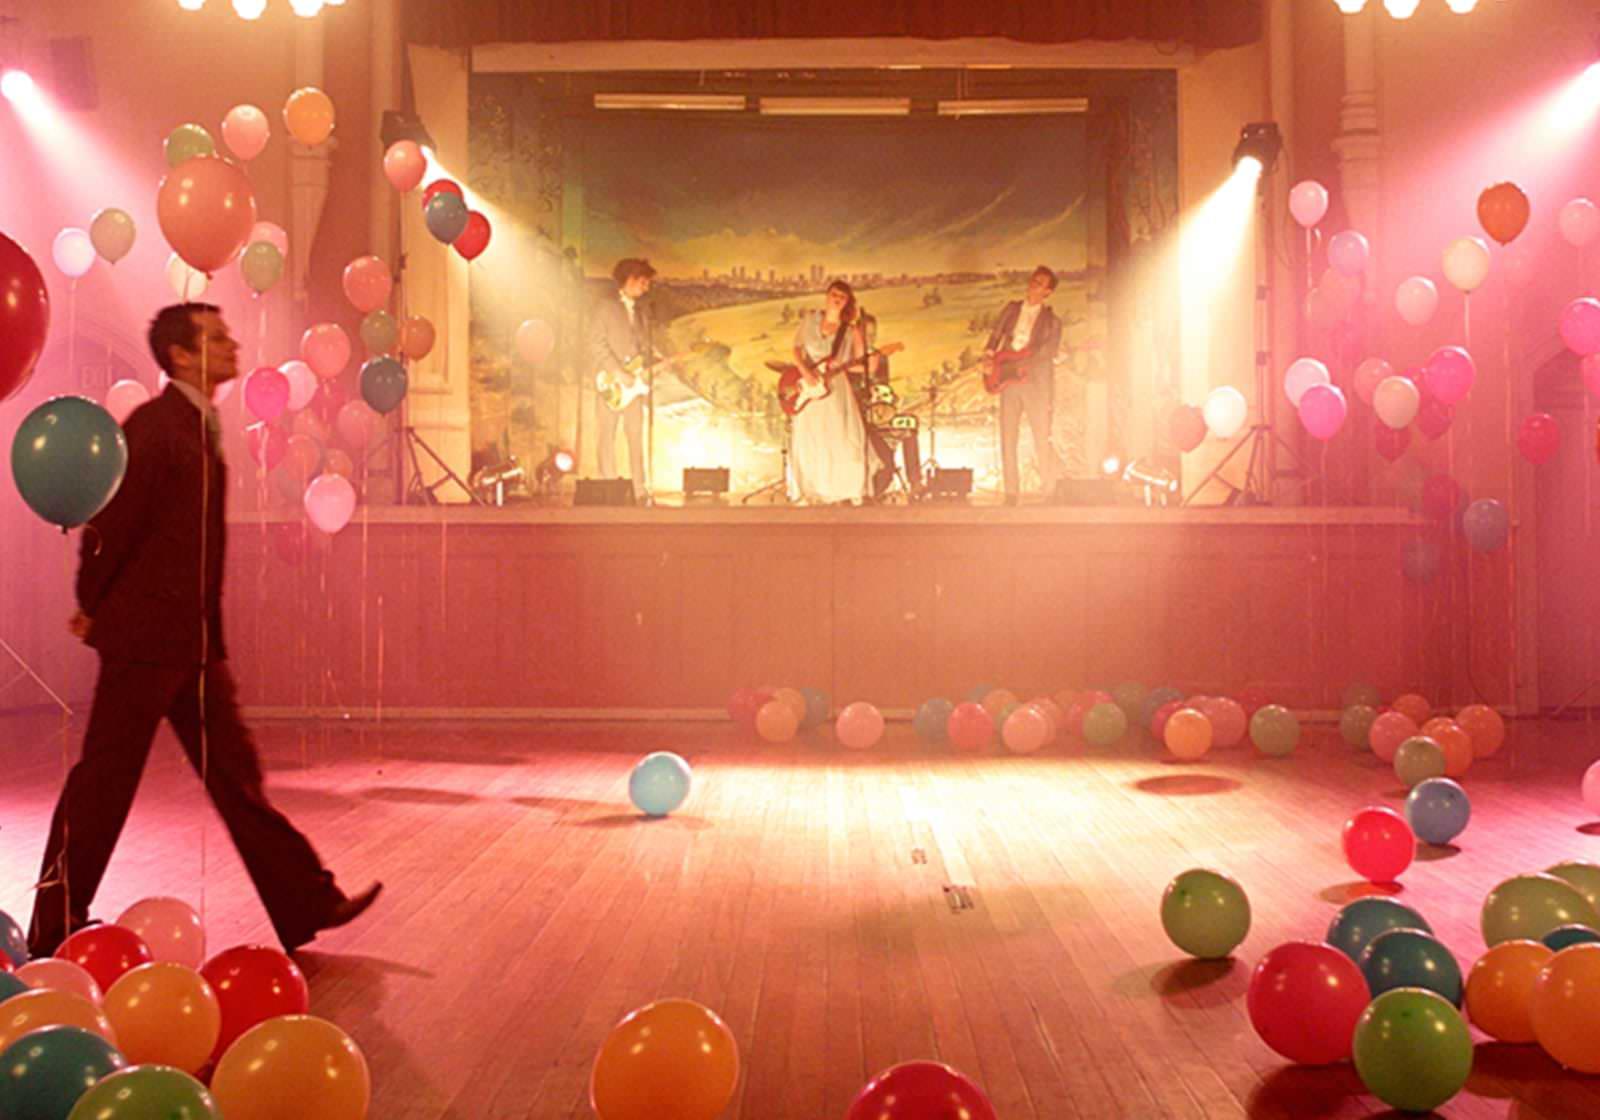 Ballroom with band and balloons